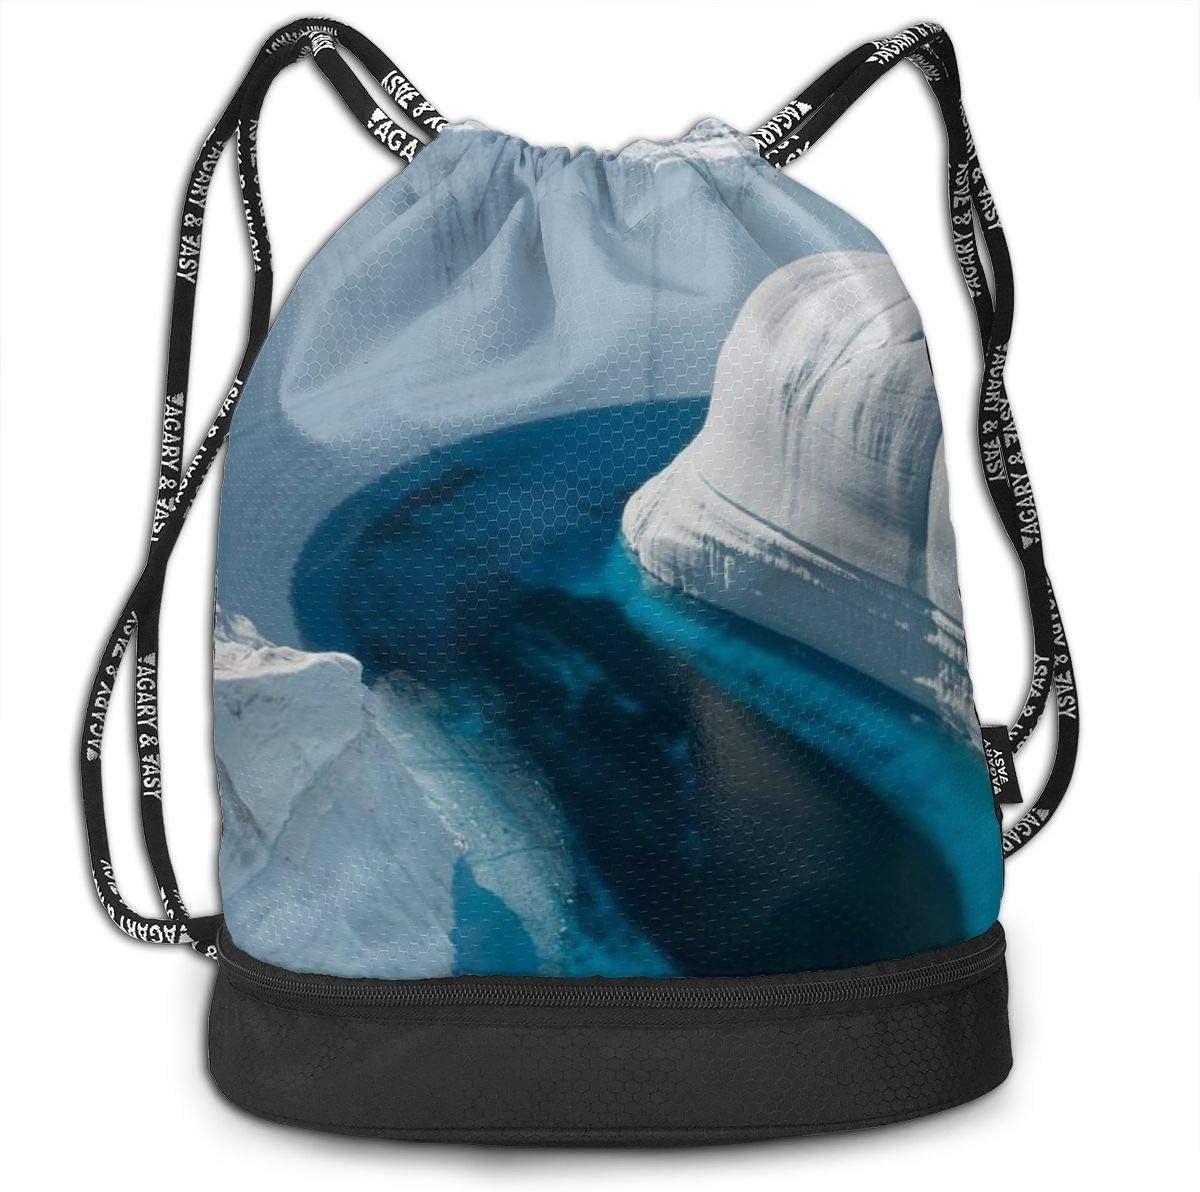 GymSack Drawstring Bag Sackpack Ice Canyon Sport Cinch Pack Simple Bundle Pocke Backpack For Men Women